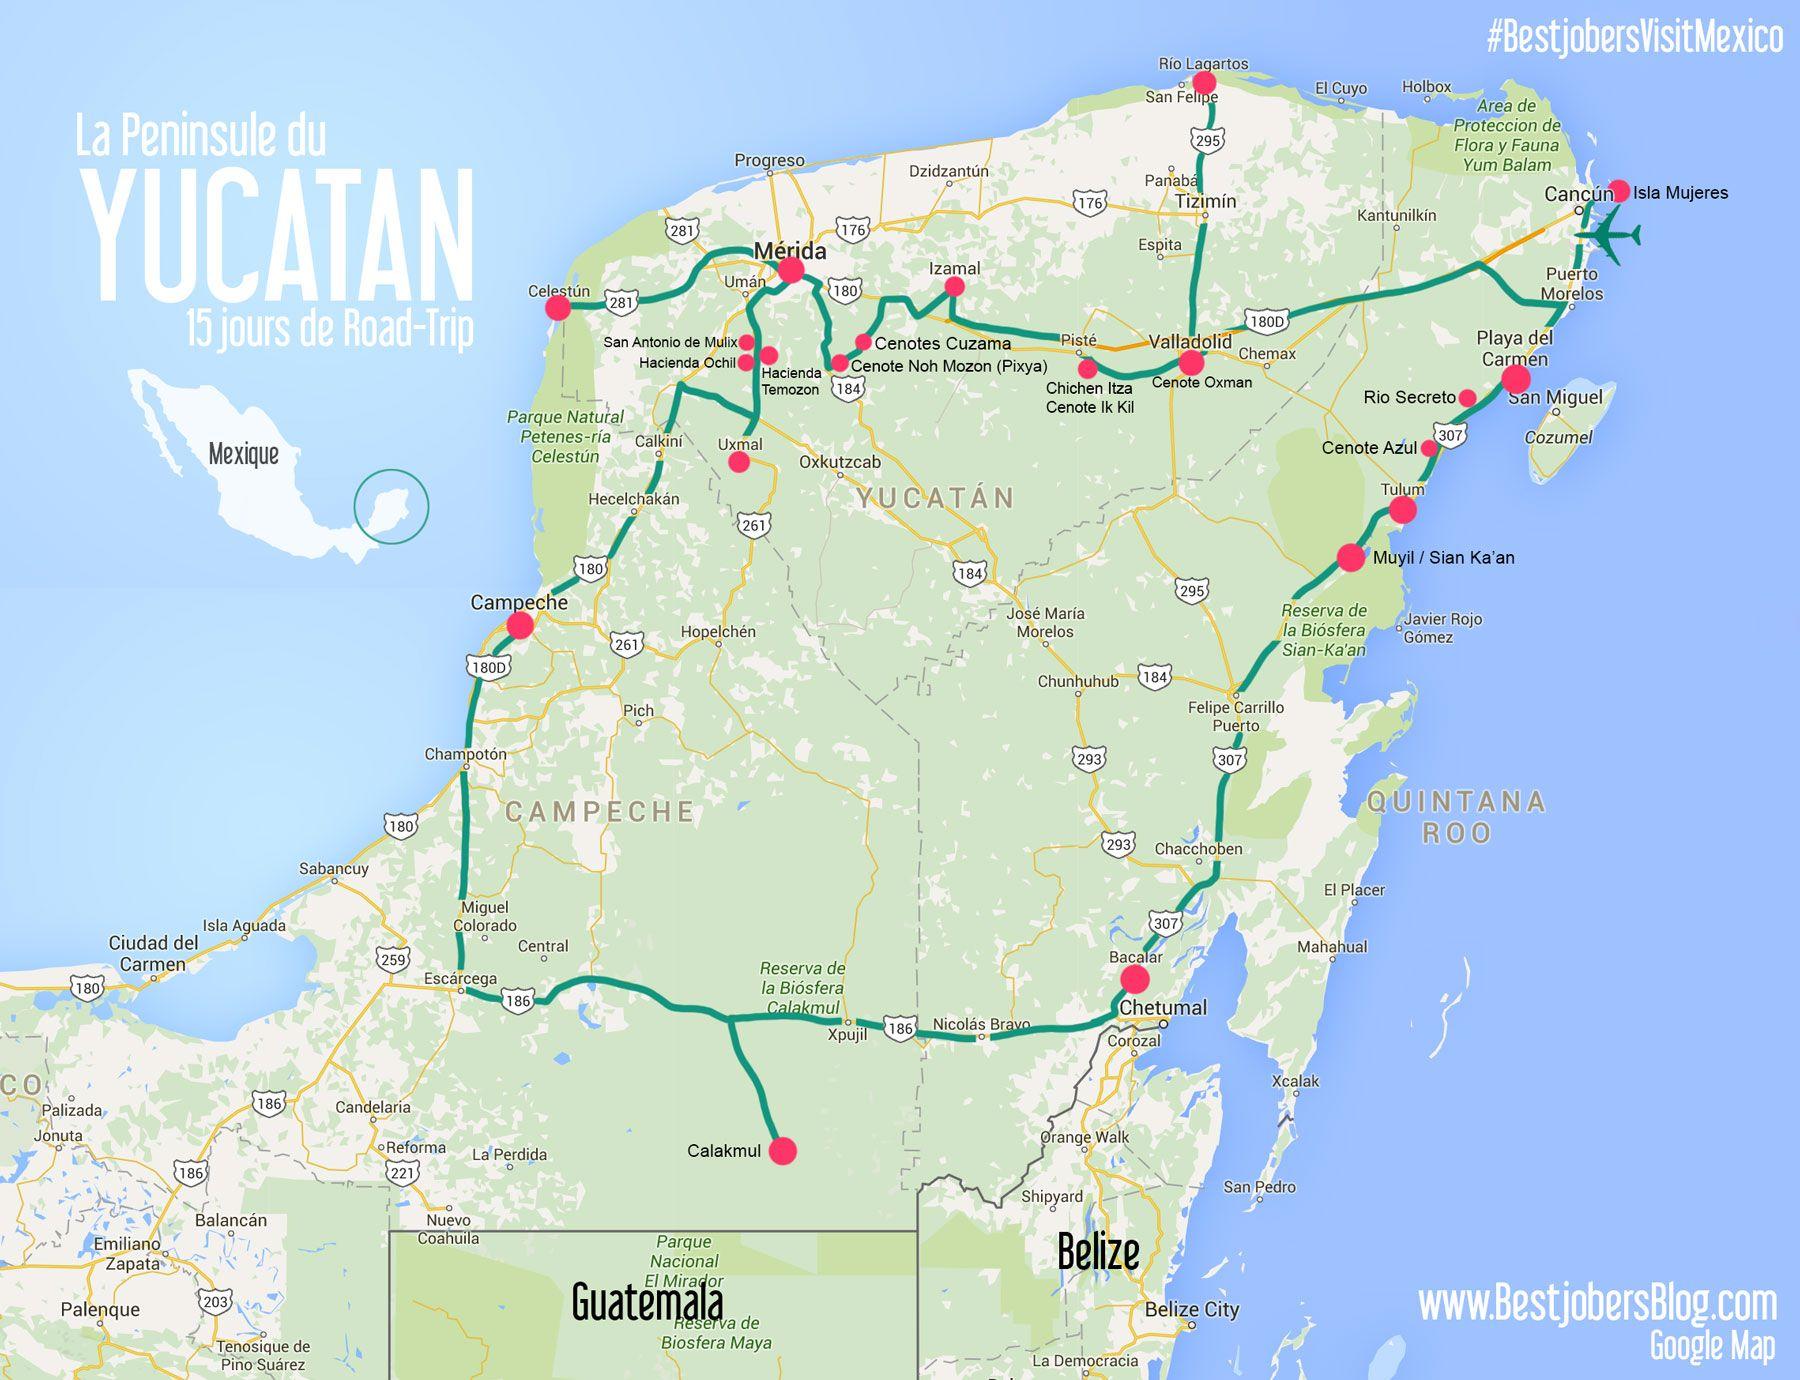 Carte Yucatan Quintana Roo.Yucatan Road Trip Map Detailed Mexico En 2019 Mexique